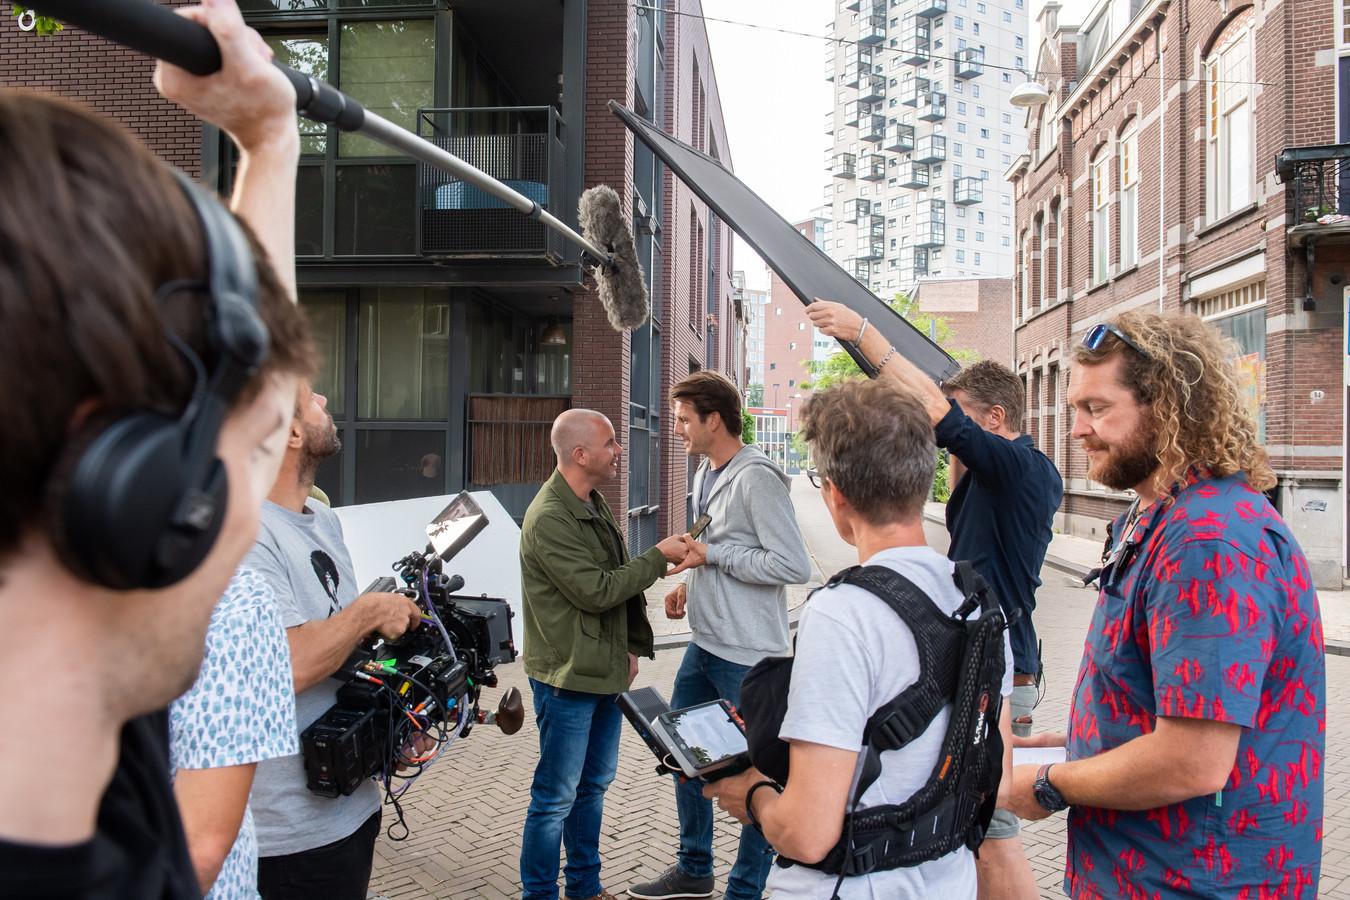 Smeris is voor opnames terug in Tilburg. Jeroen van Koningsbrugge neemt een scène op, met op de achtergrond de Vogelkooitjes-flat.